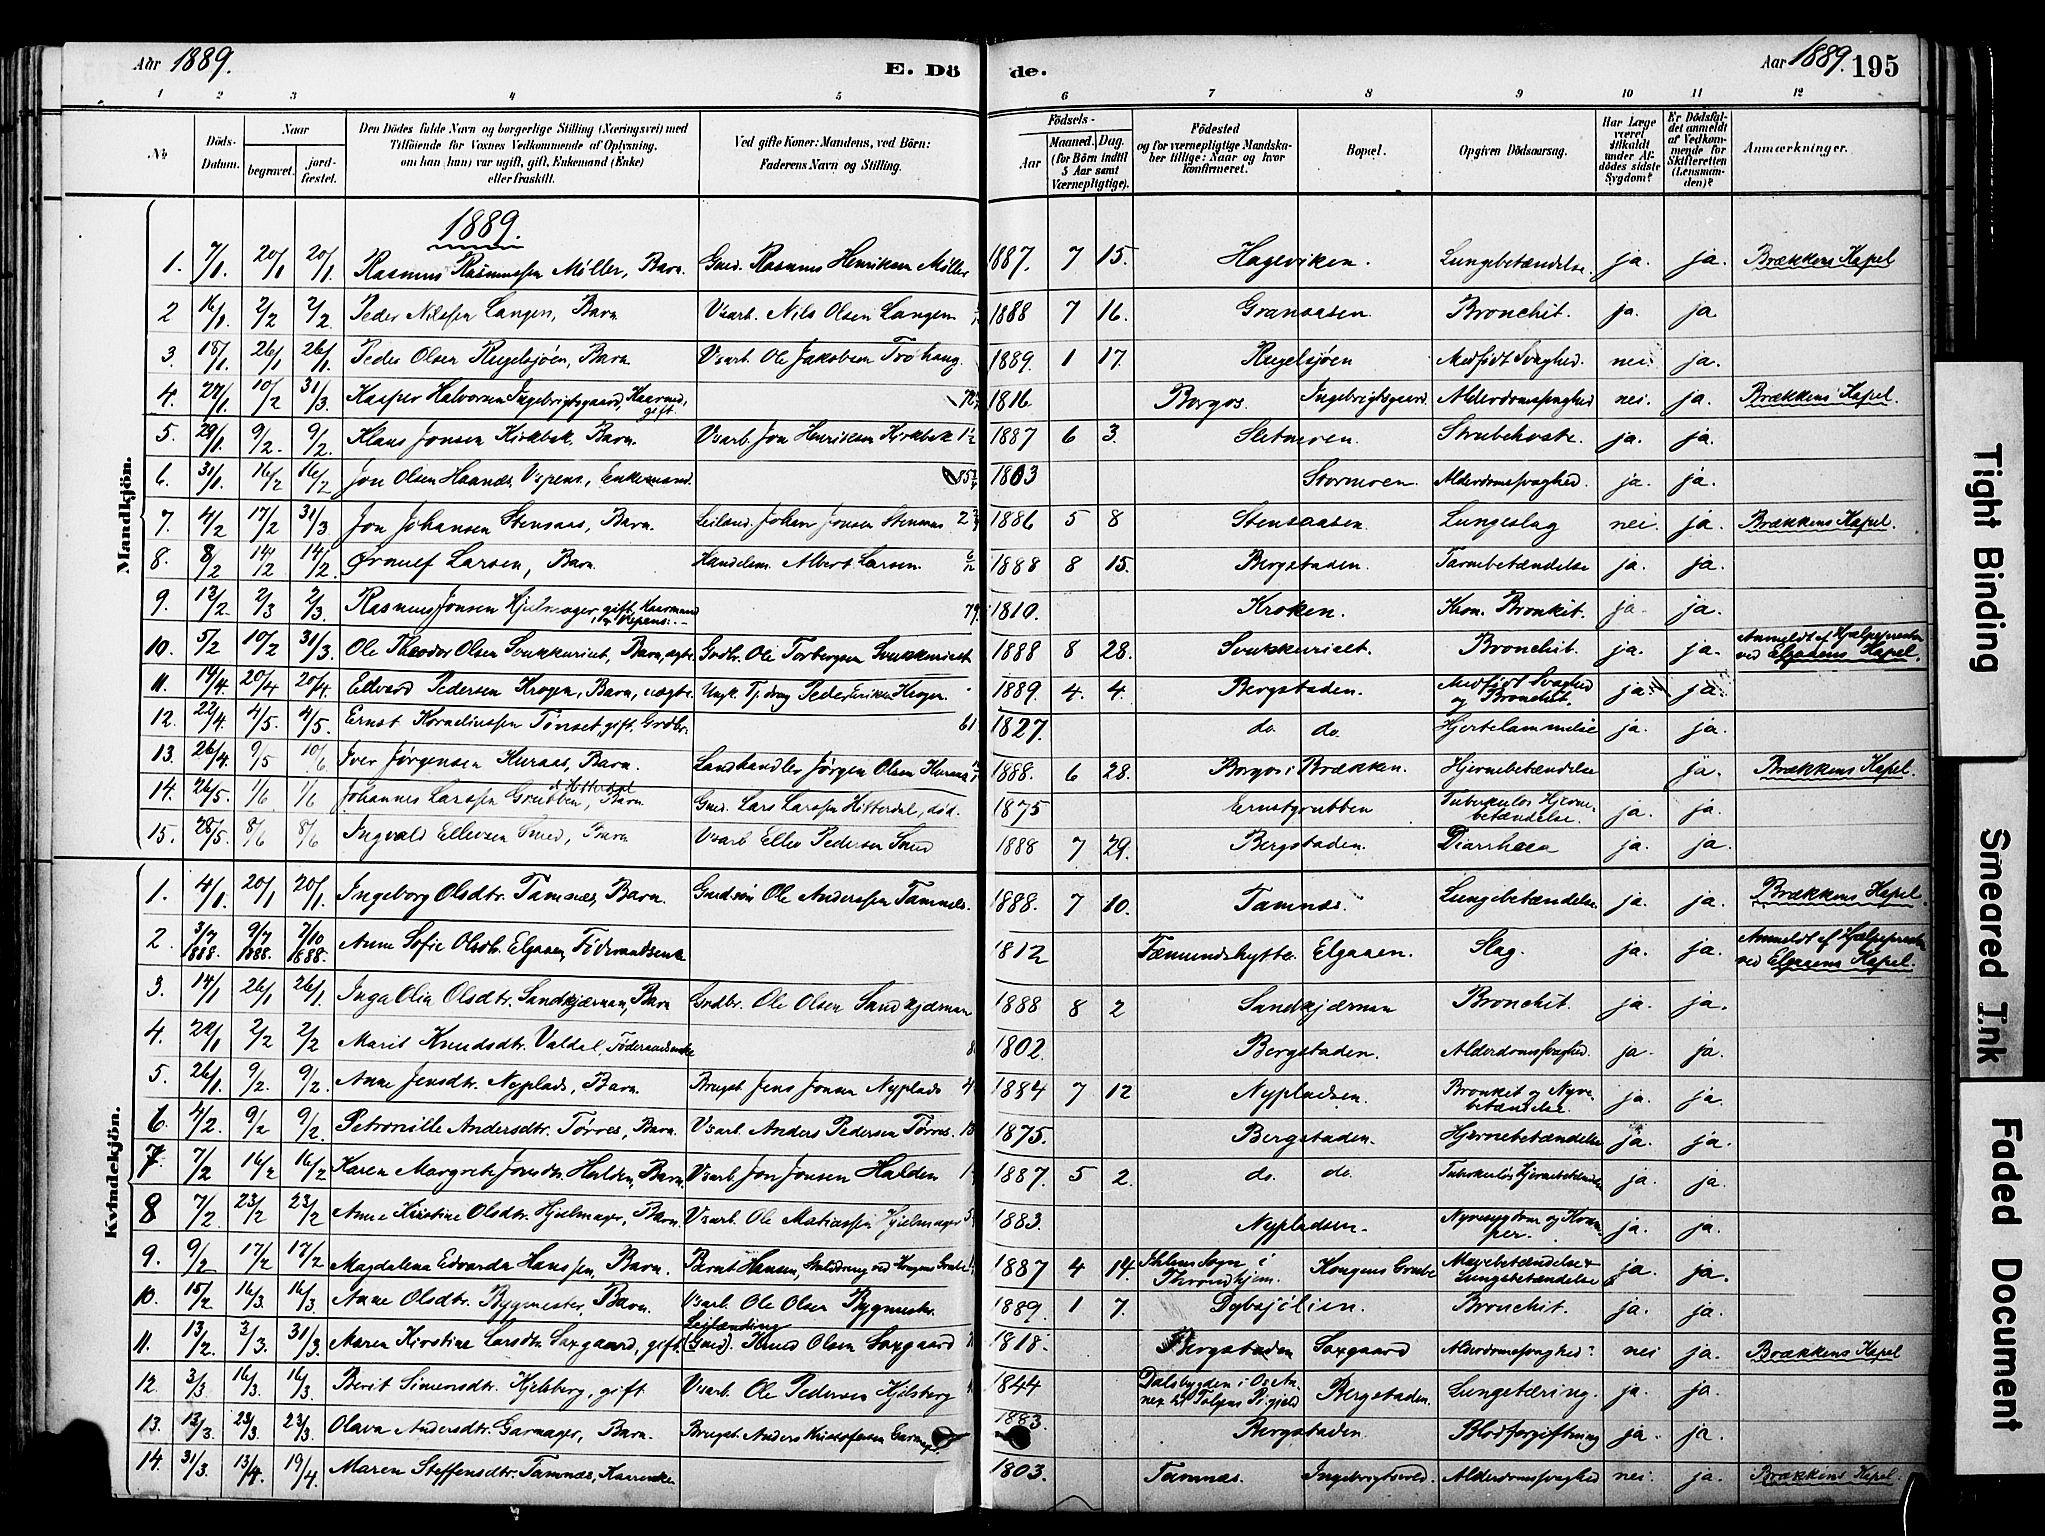 SAT, Ministerialprotokoller, klokkerbøker og fødselsregistre - Sør-Trøndelag, 681/L0933: Ministerialbok nr. 681A11, 1879-1890, s. 195